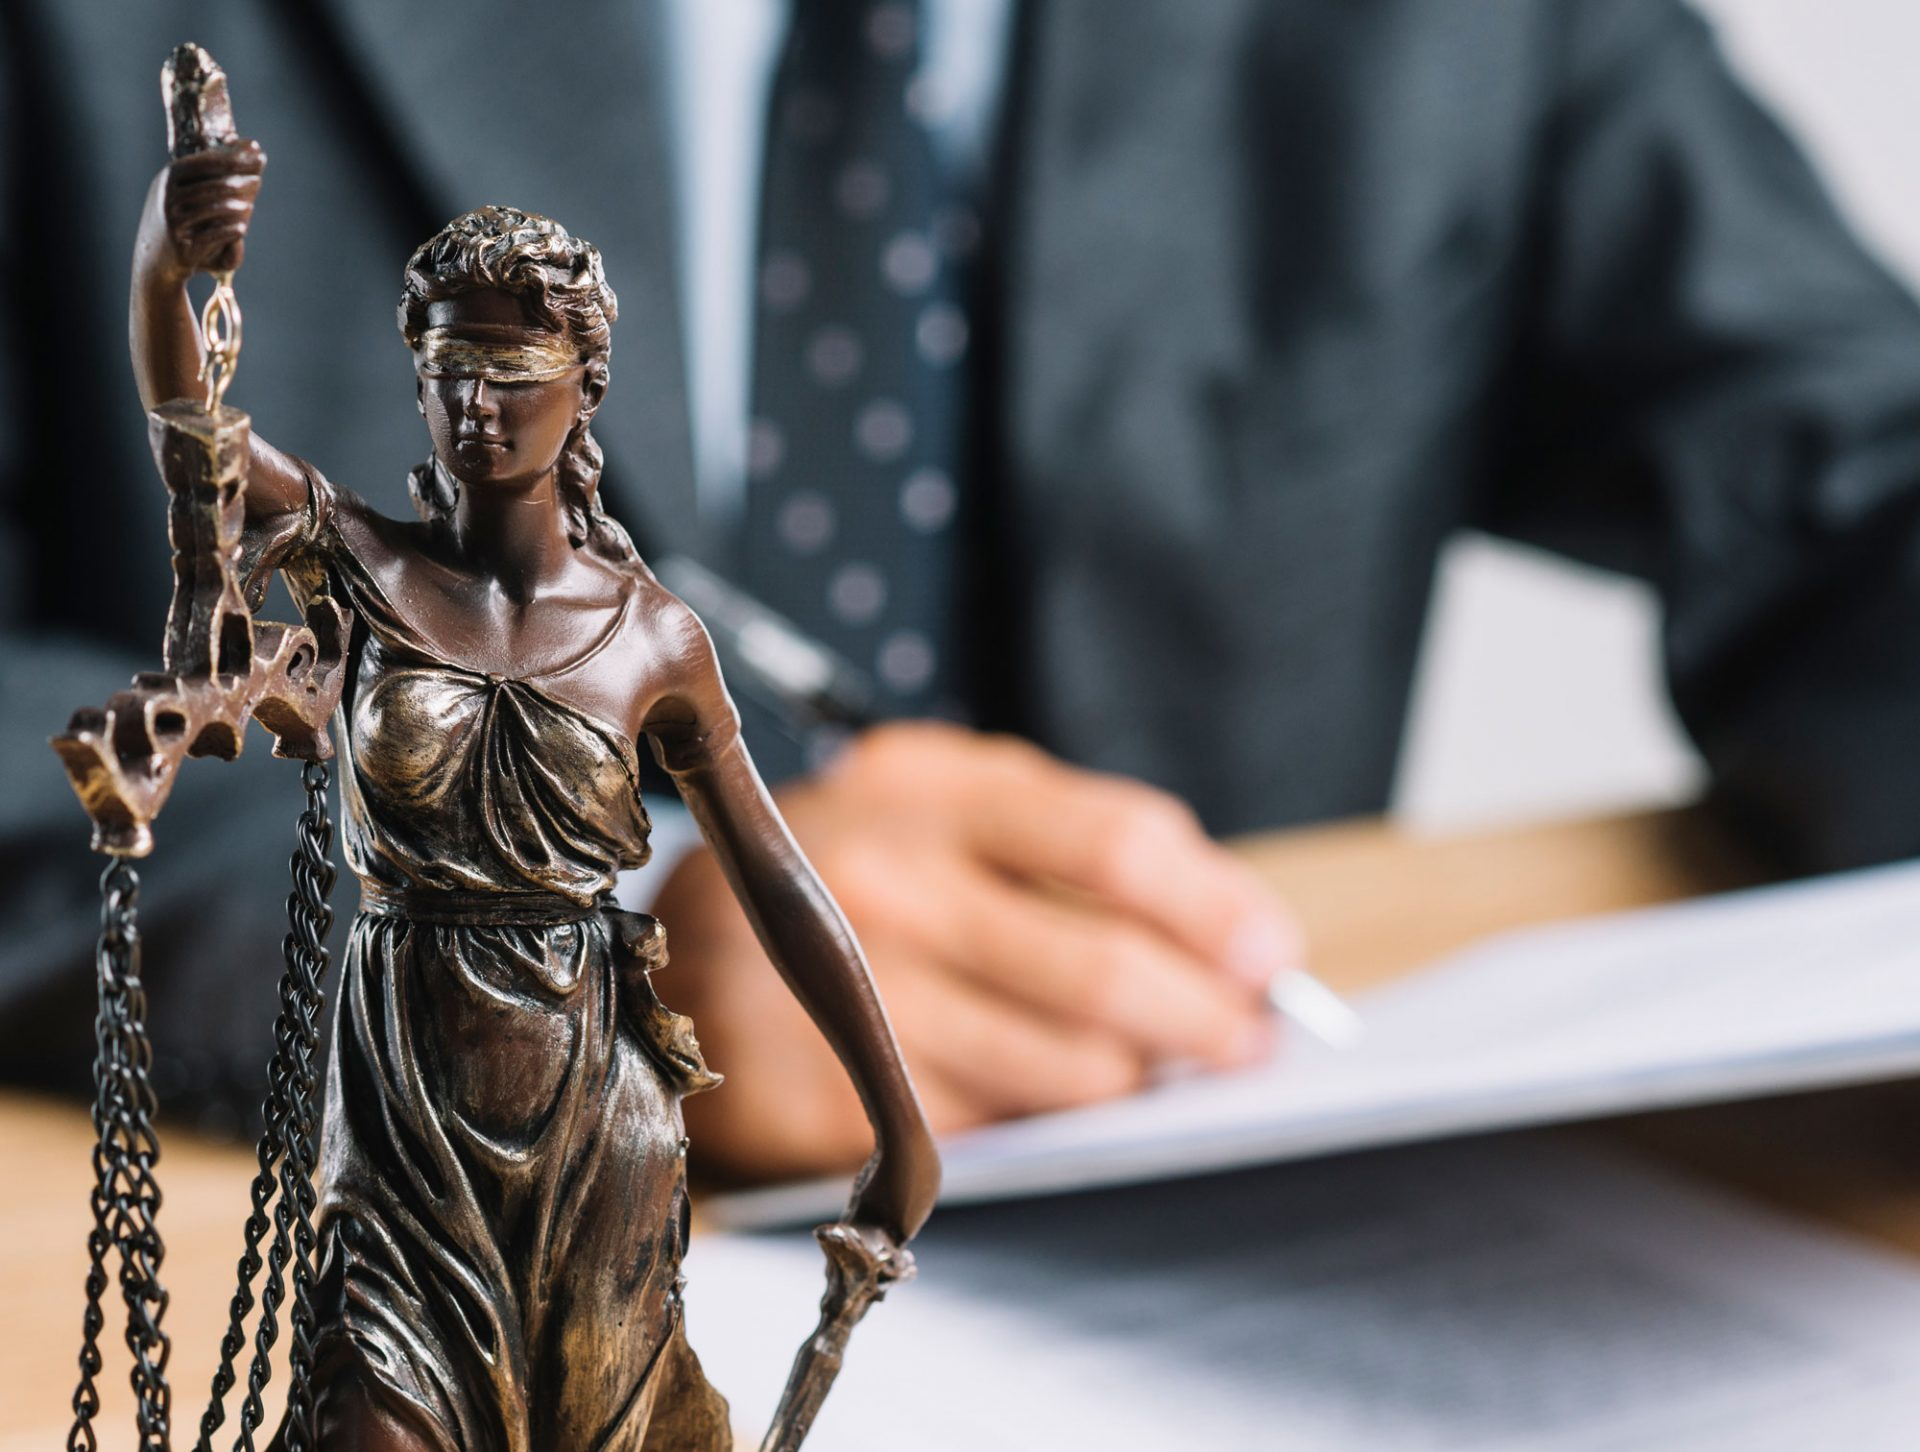 Юридическая консультация в городе Тольятти